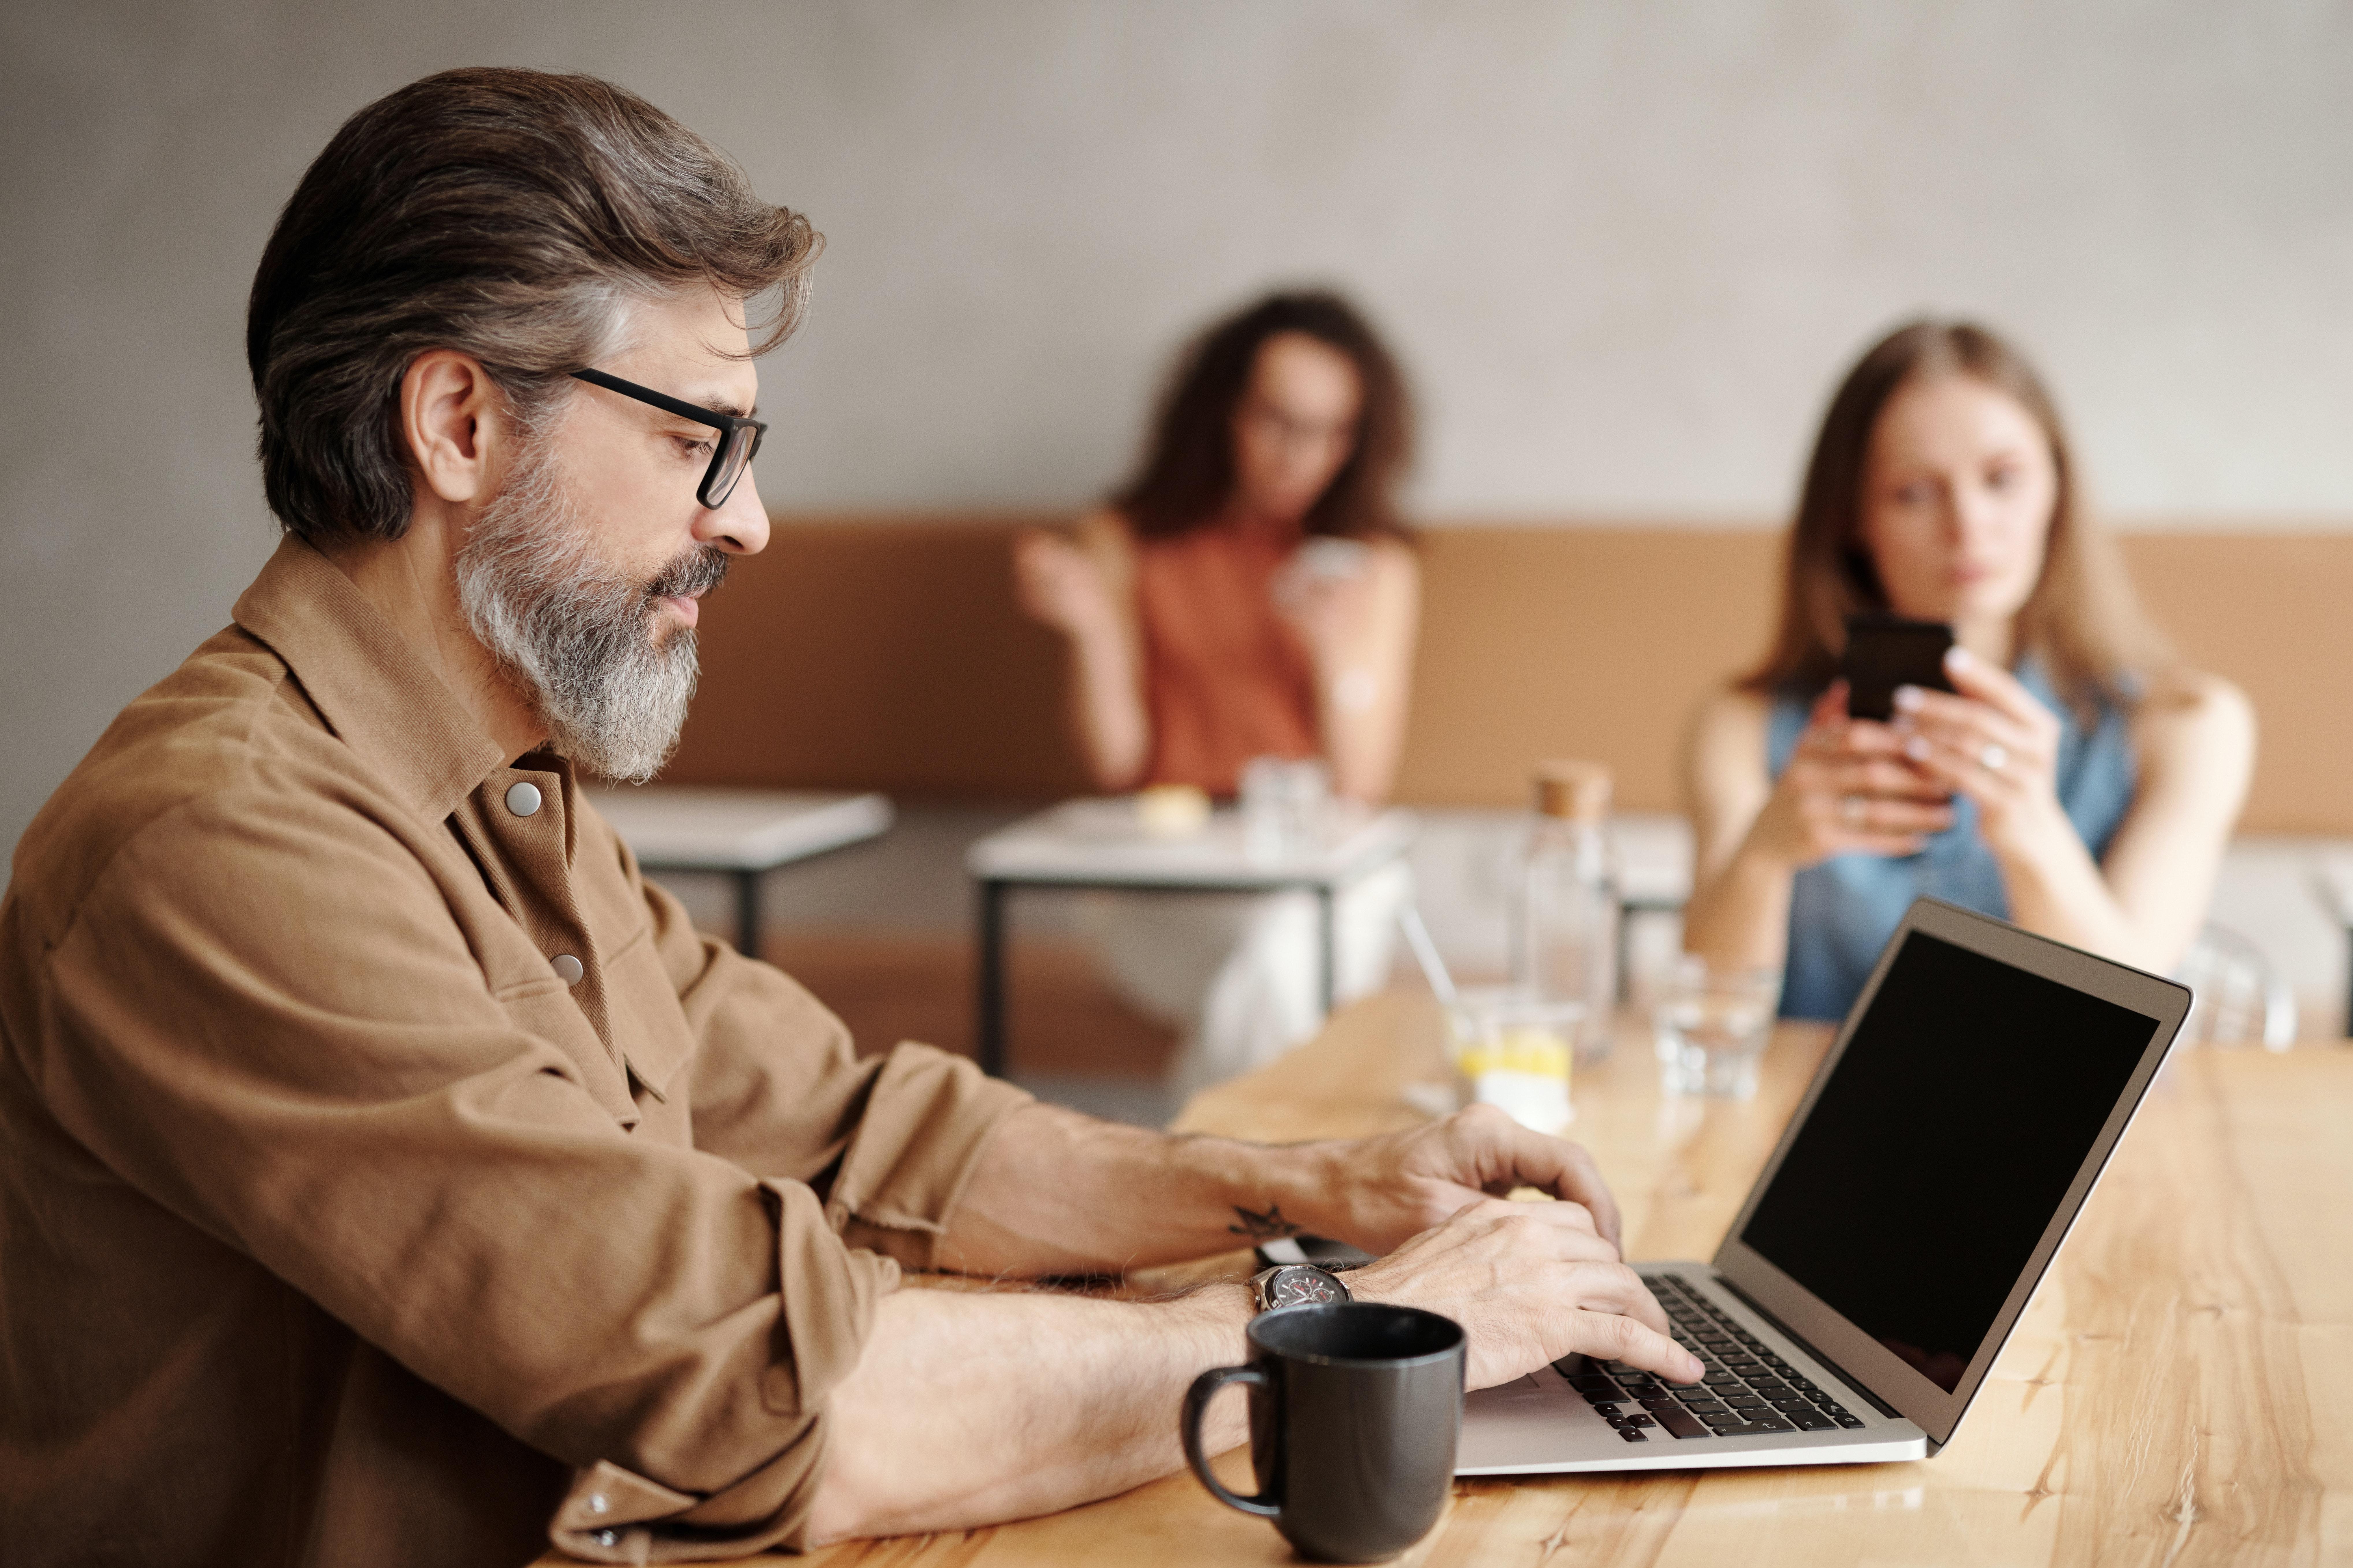 Homme écrivant sur son ordinateur